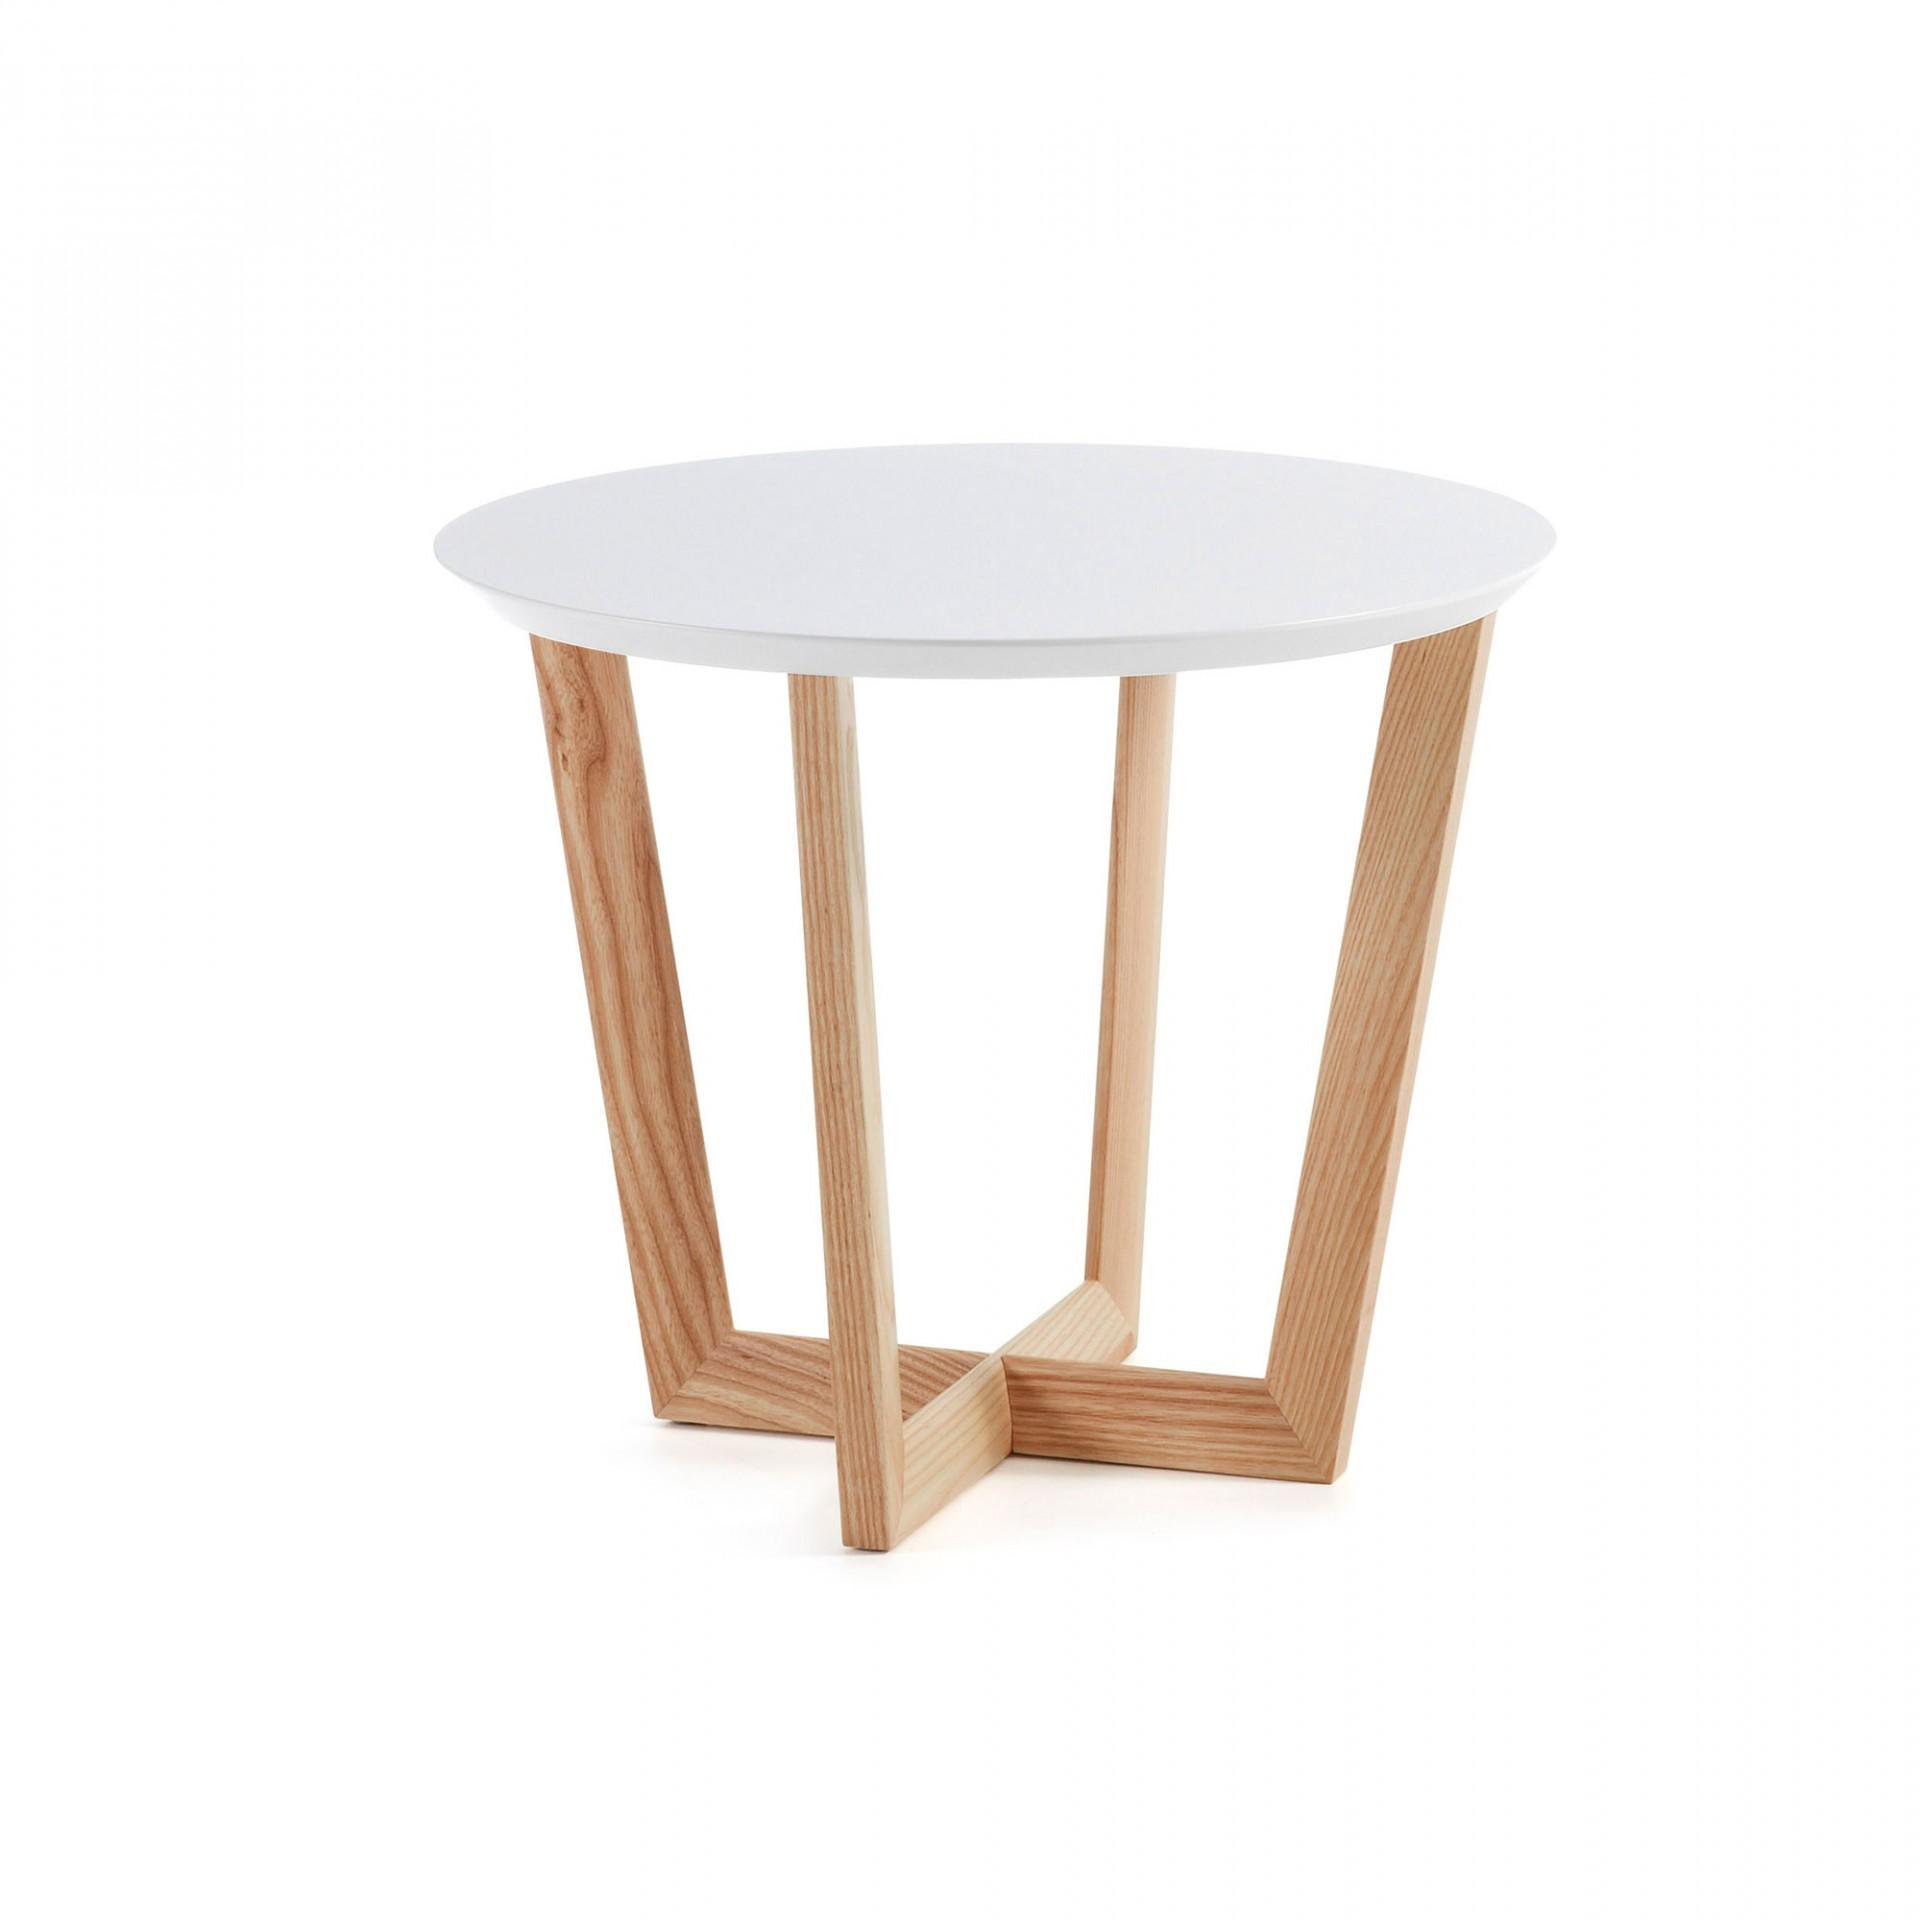 Mesa de apoio Hedi, madeira de freixo/MDF lacado, Ø60x50